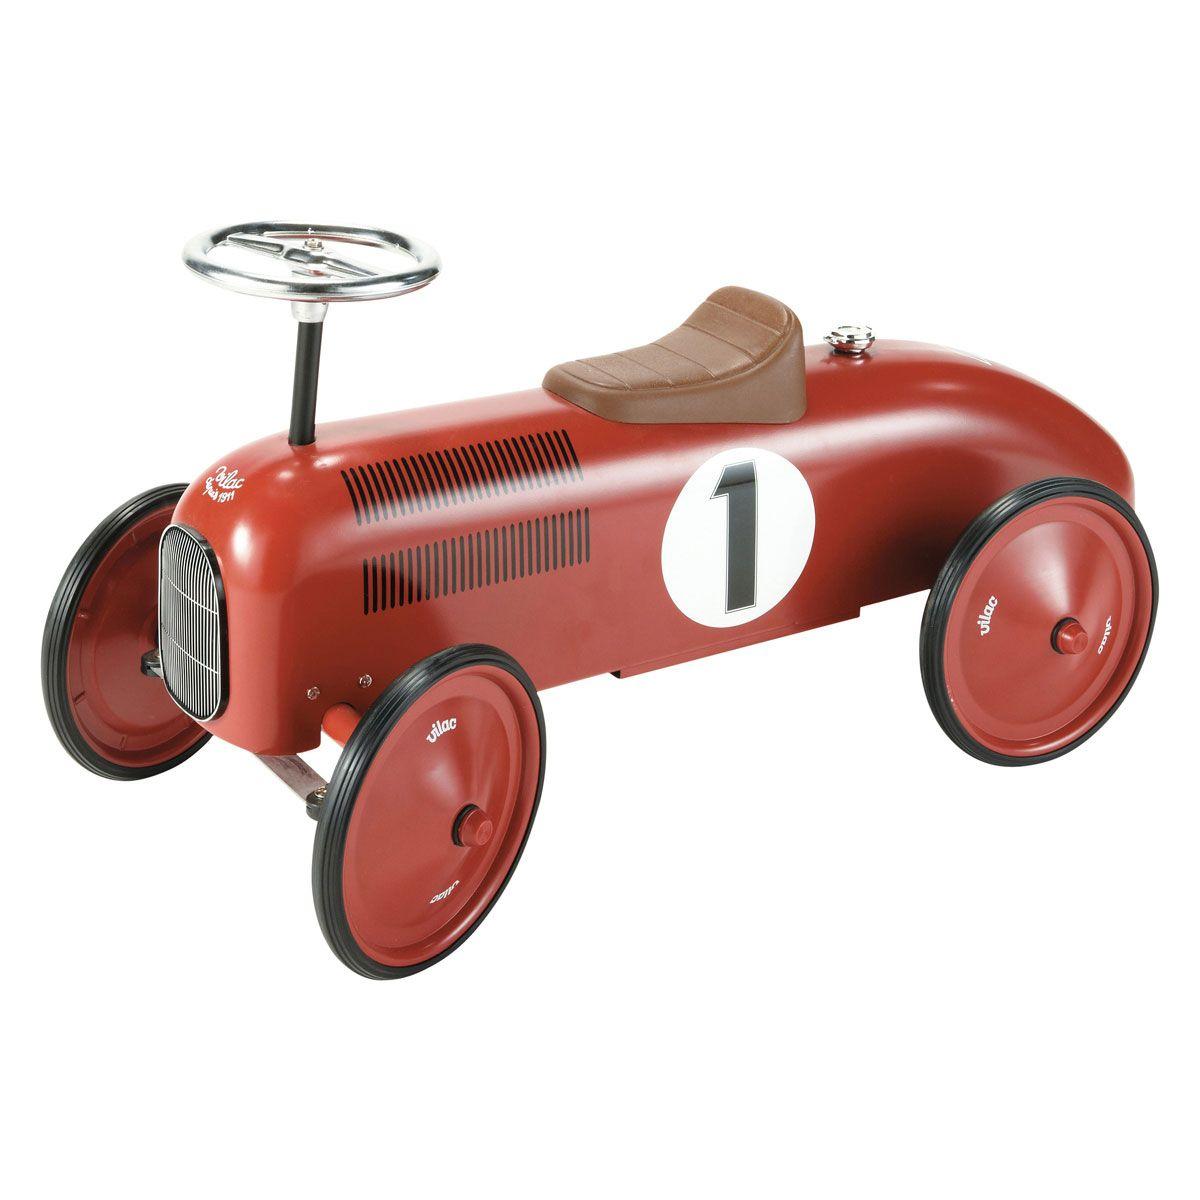 voiture porteur m tal rouge vilac maisons du monde kids room pinterest kids rooms toy and. Black Bedroom Furniture Sets. Home Design Ideas